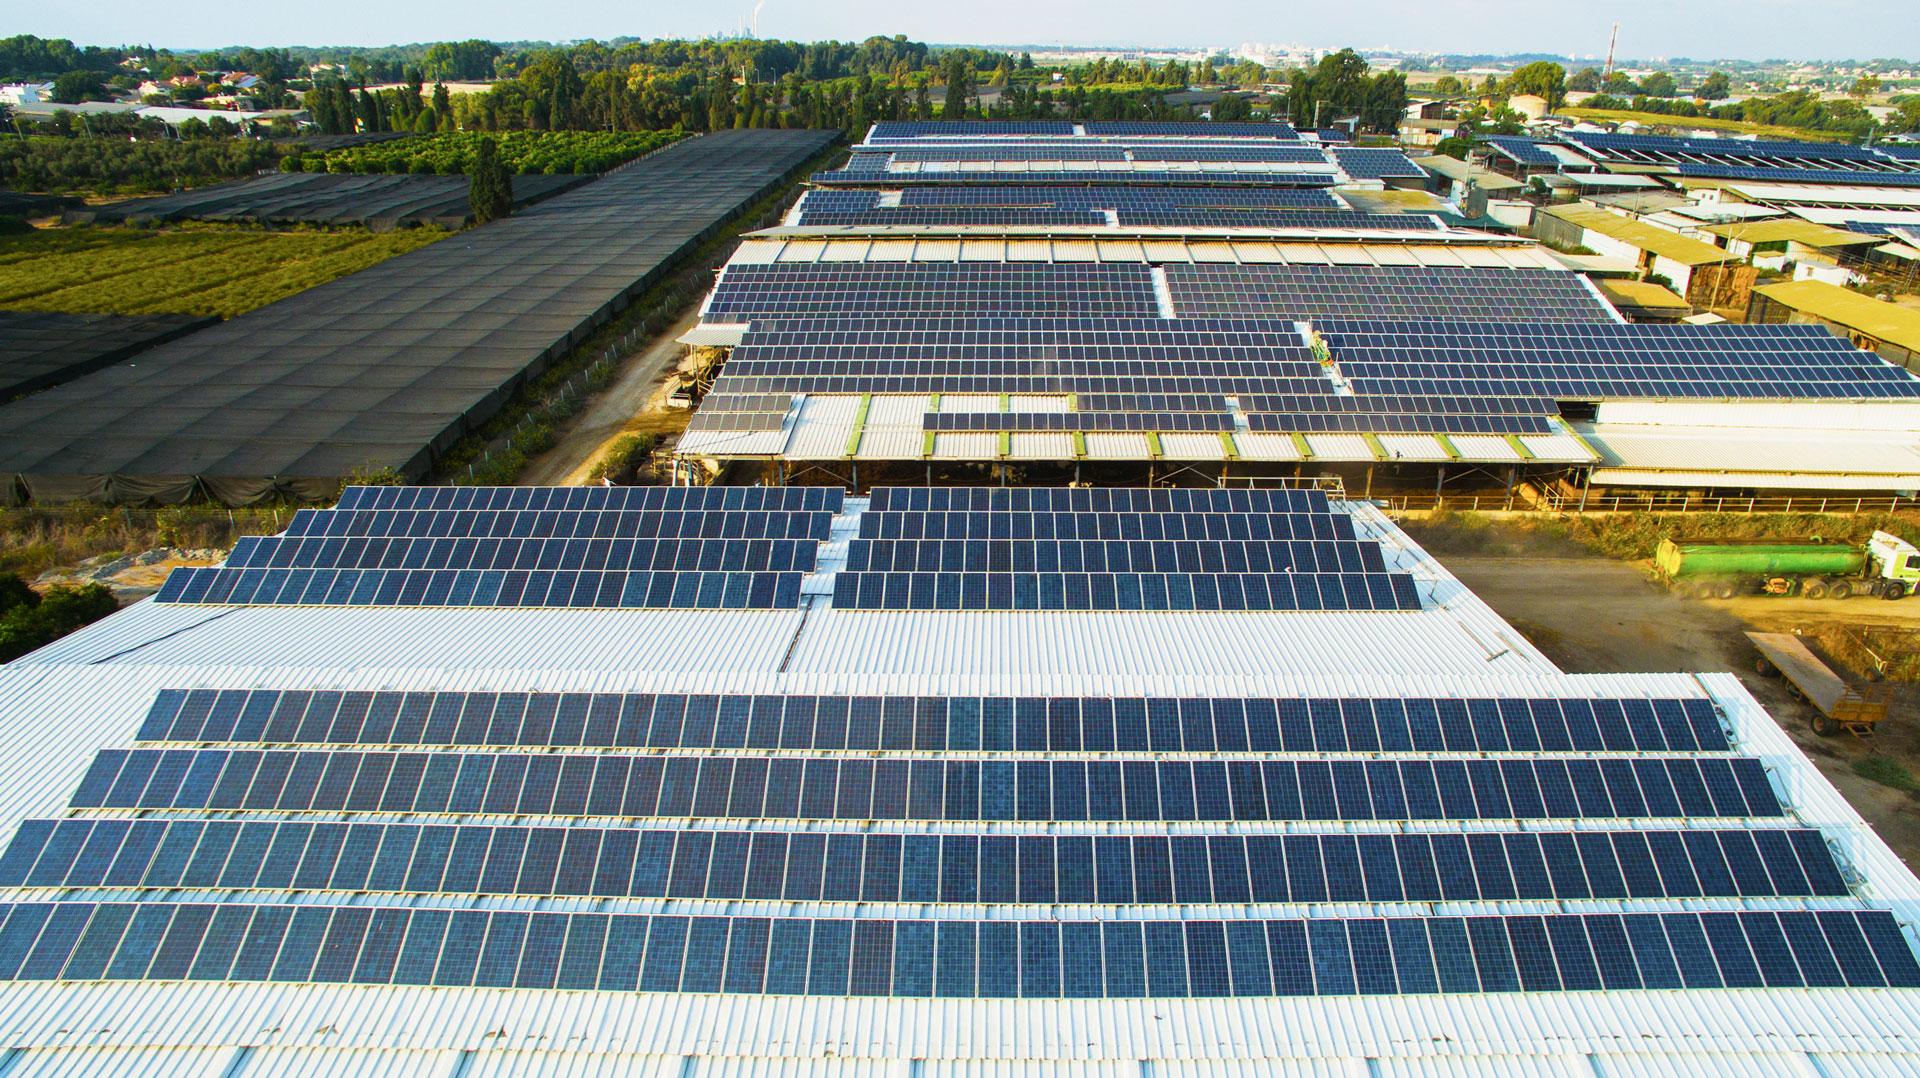 מערכות סולאריות מסחריות | GreenTops | פאנלים סולארים